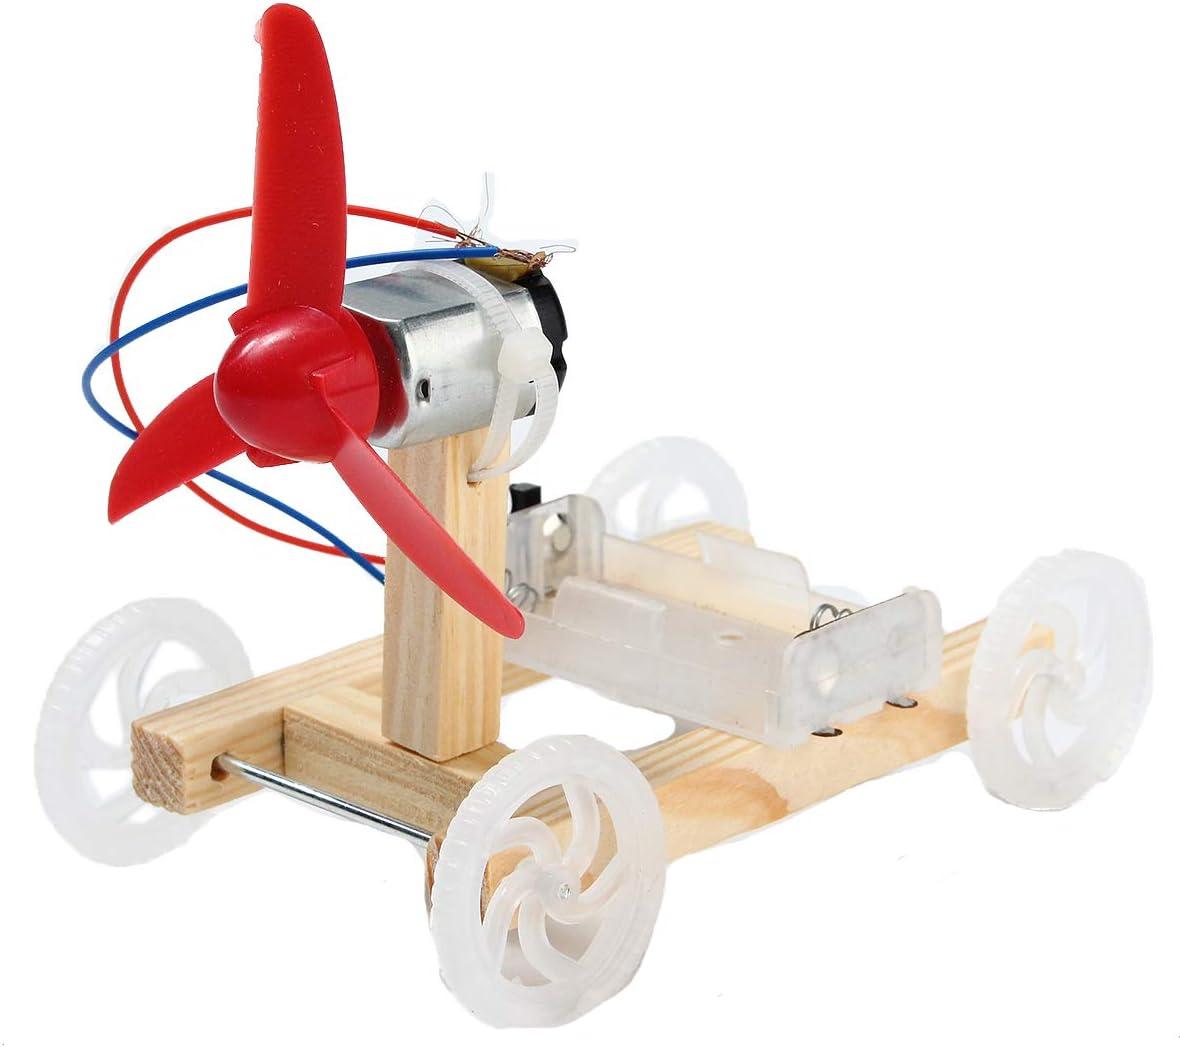 LaDicha 5 Unids DIY Tecnología Invención De Un Solo ala De Coche De Viento Conjunto Modelo DIY Kit De Coche: Amazon.es: Electrónica